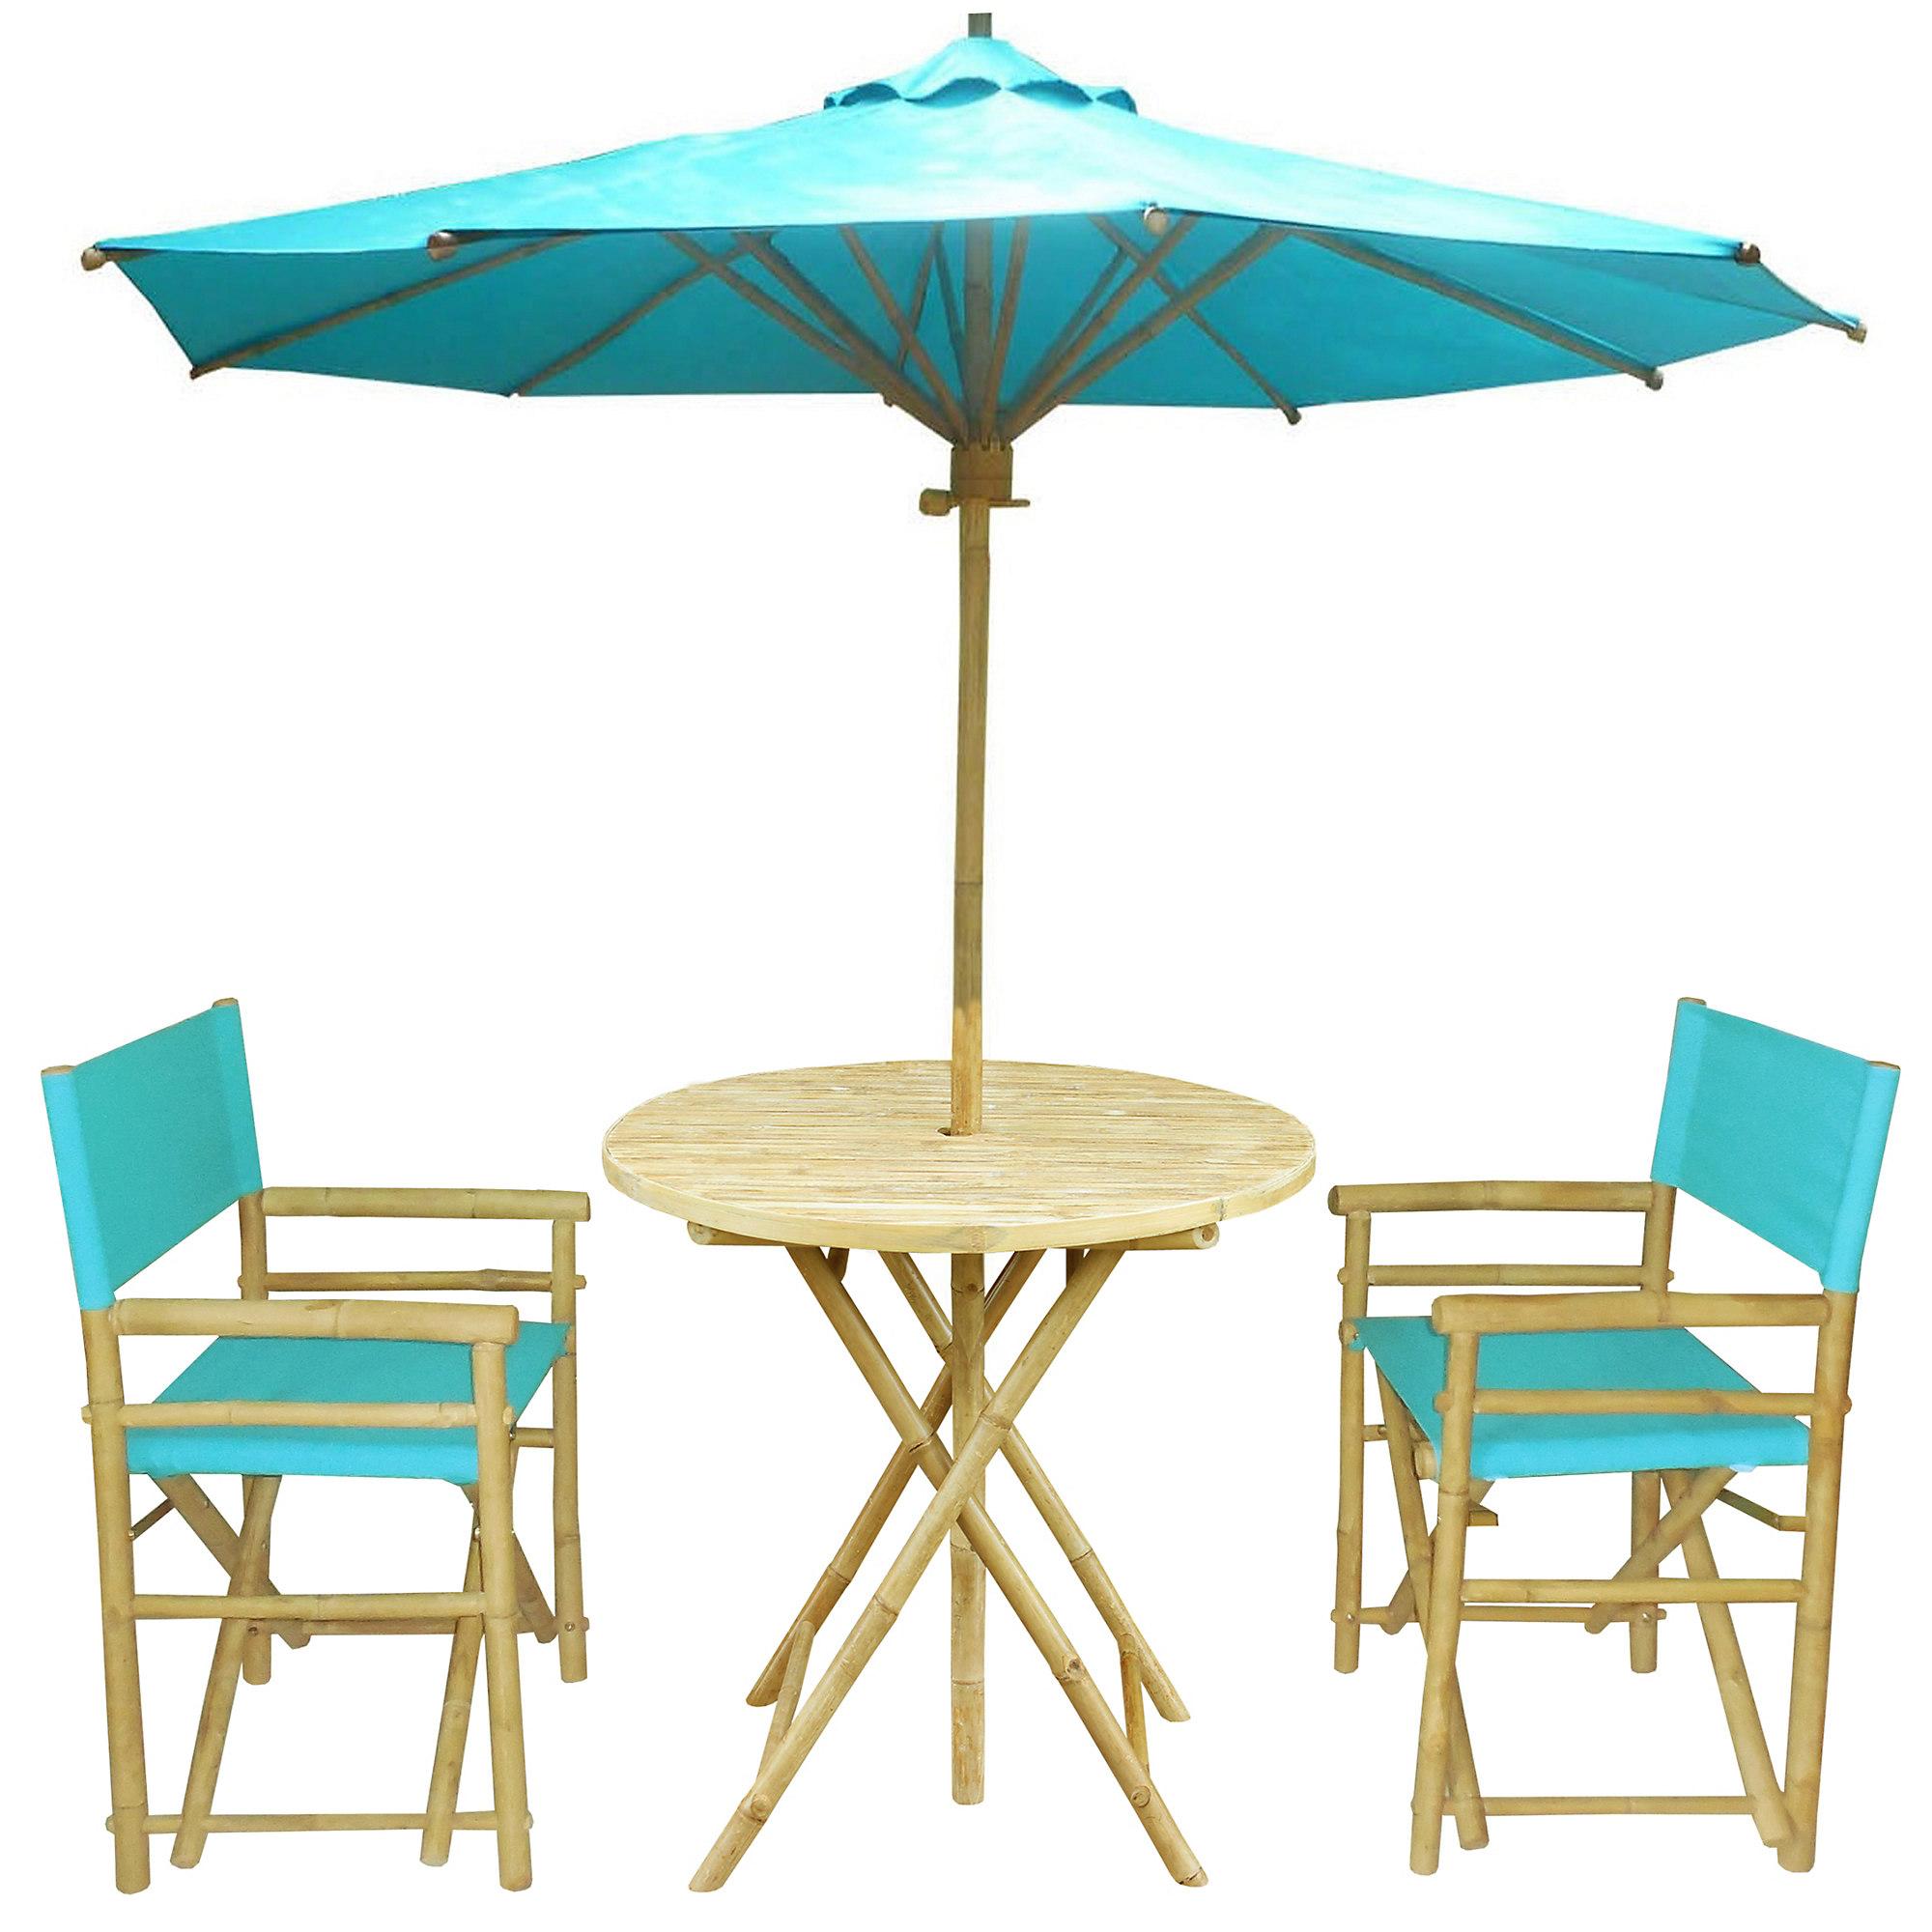 Round Outdoor Dining Set in Aqua